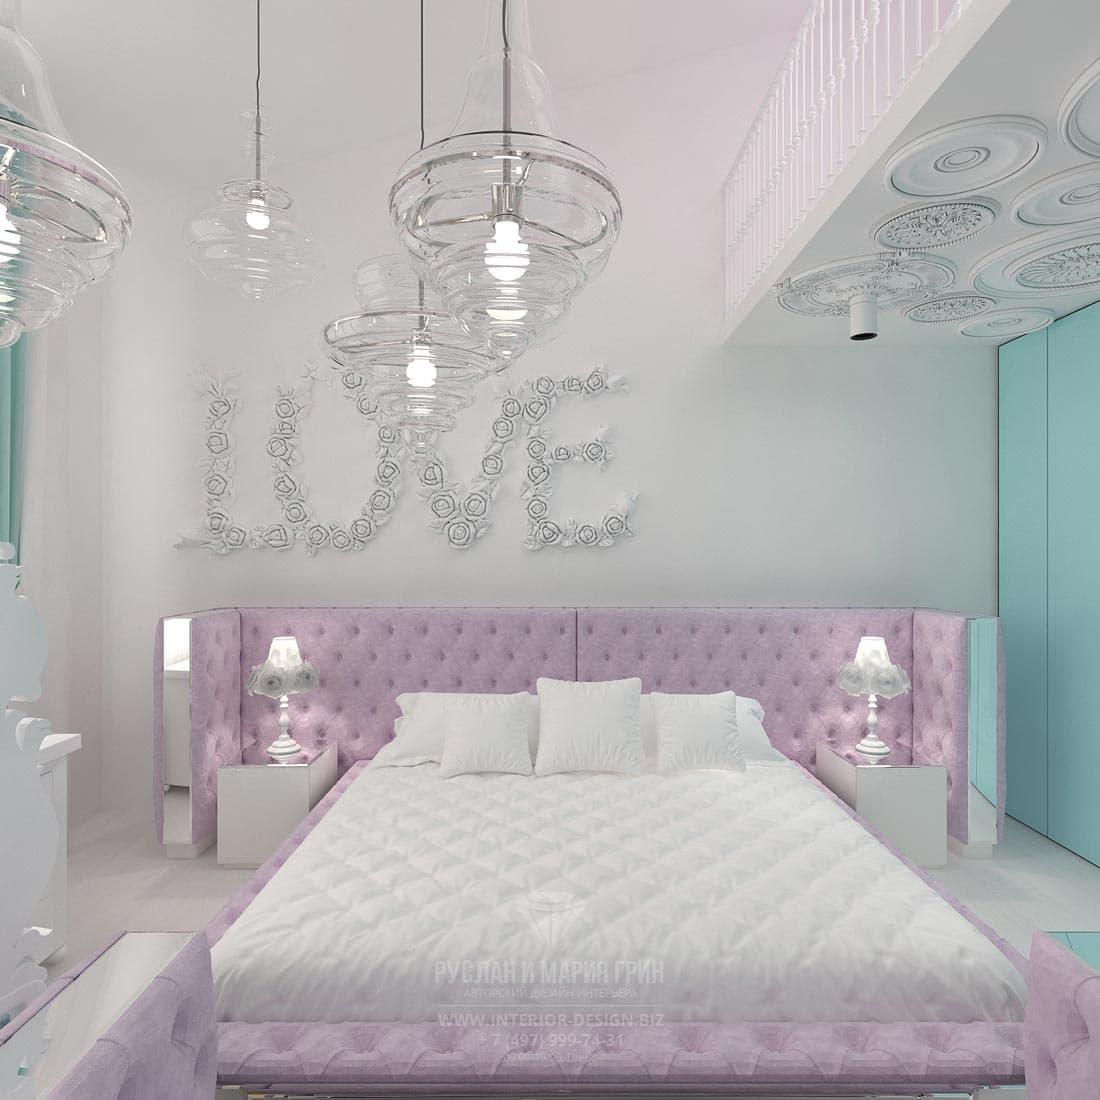 Каретная стяжка в отделке изголовья кровати